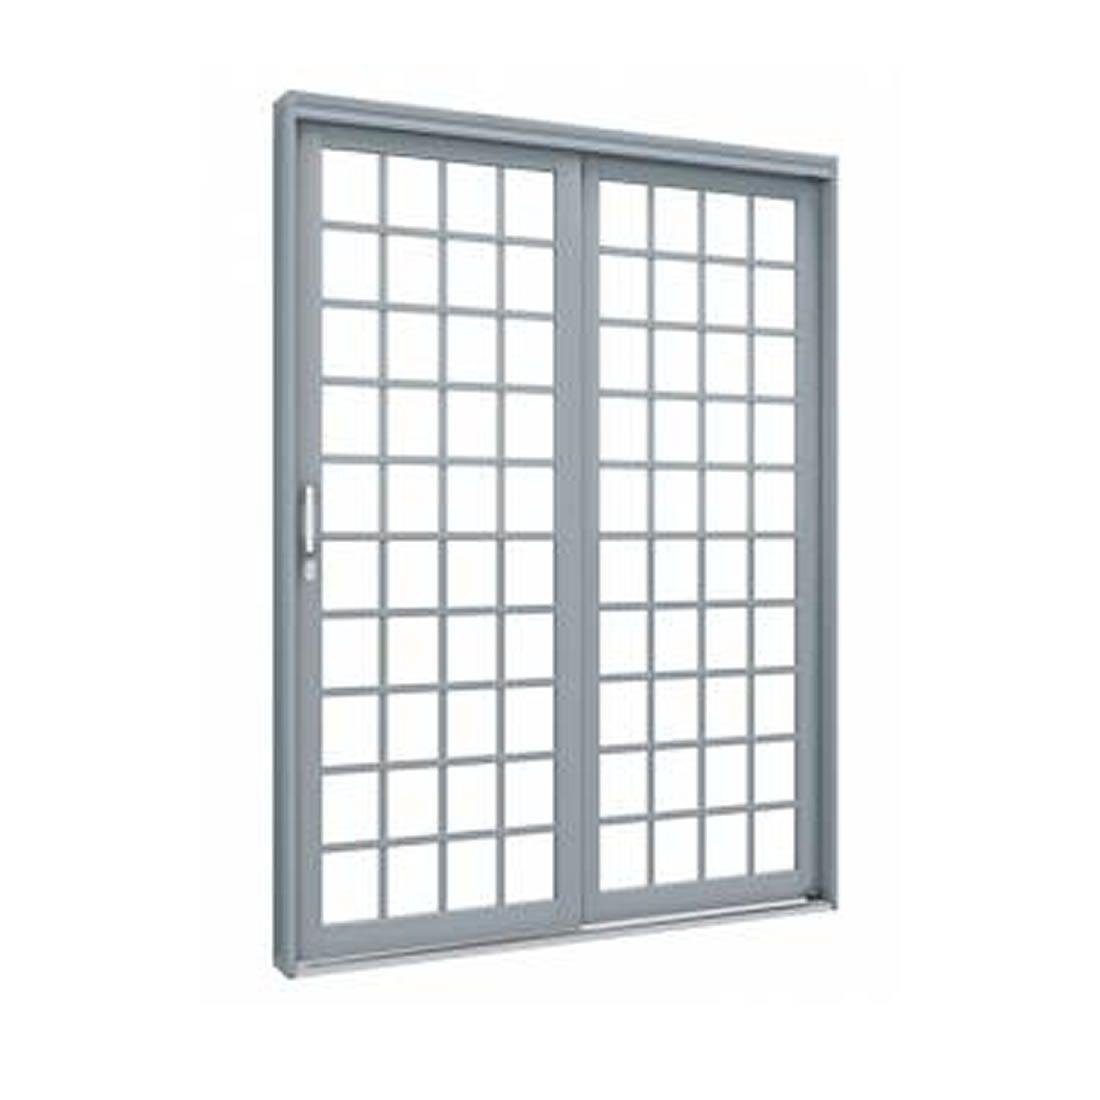 Porta de Correr Lateral Lucasa de Aço Quadrada Esquerda 213x1.60 Ref 1082.1